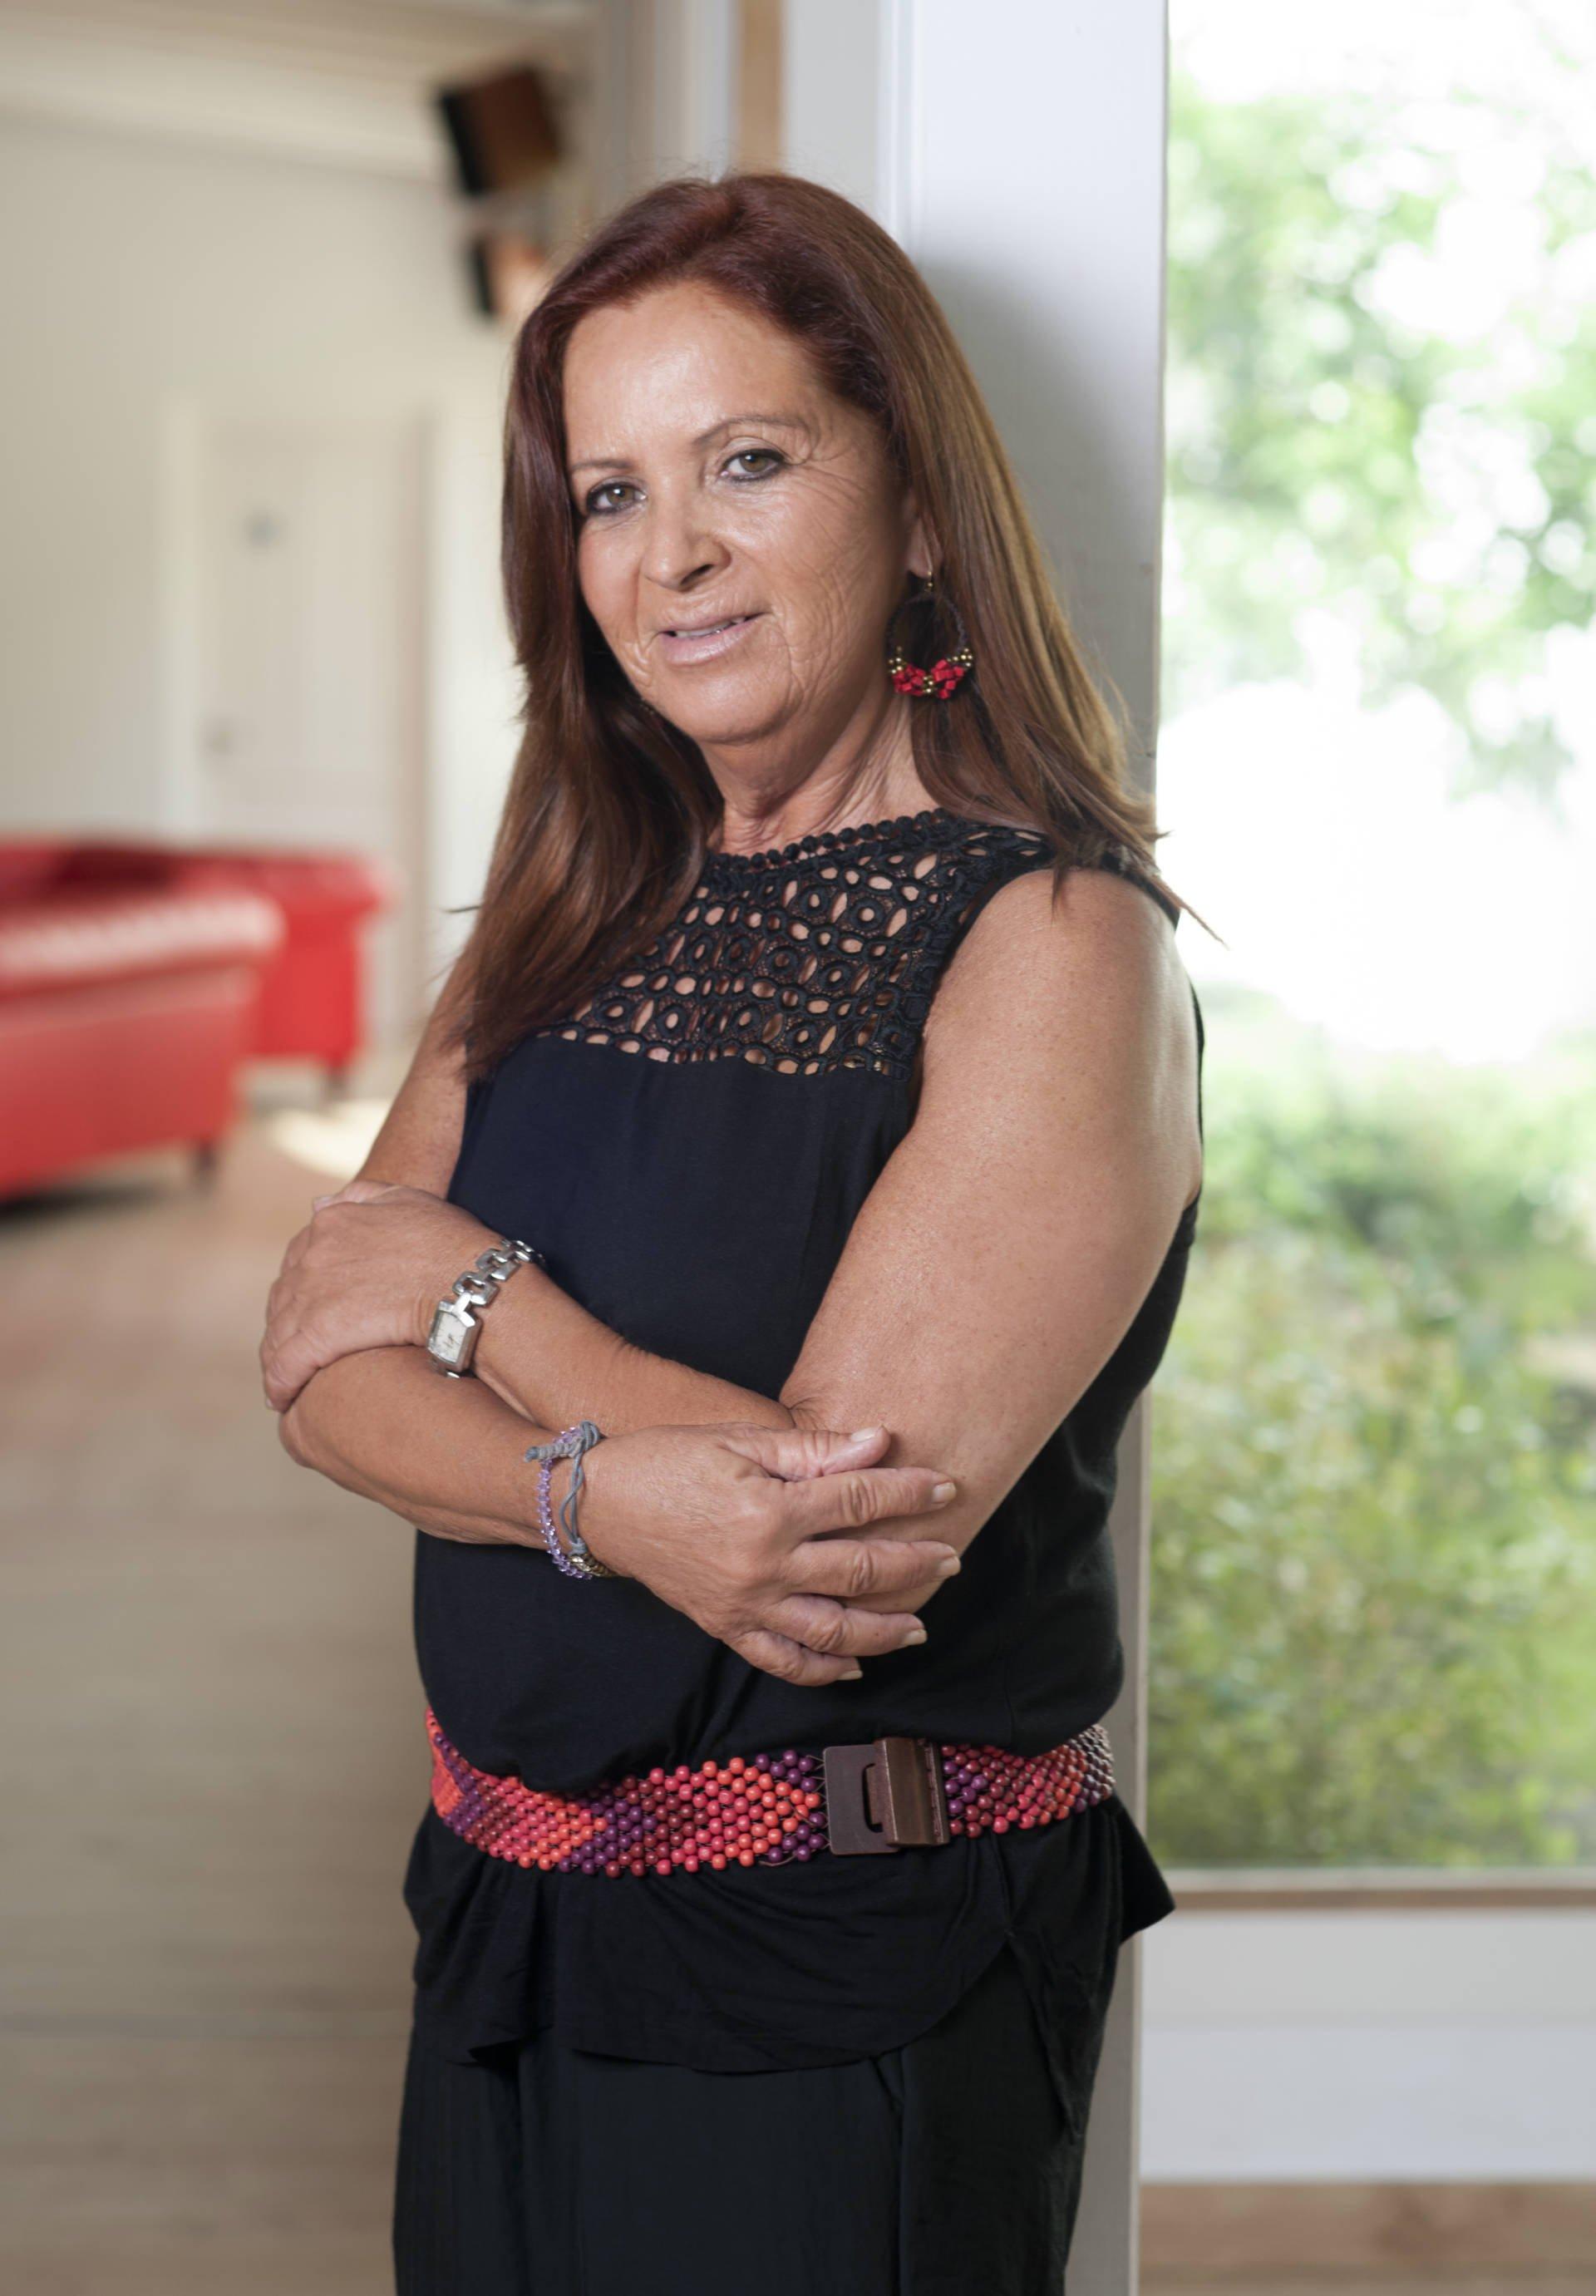 Inés Aragüez